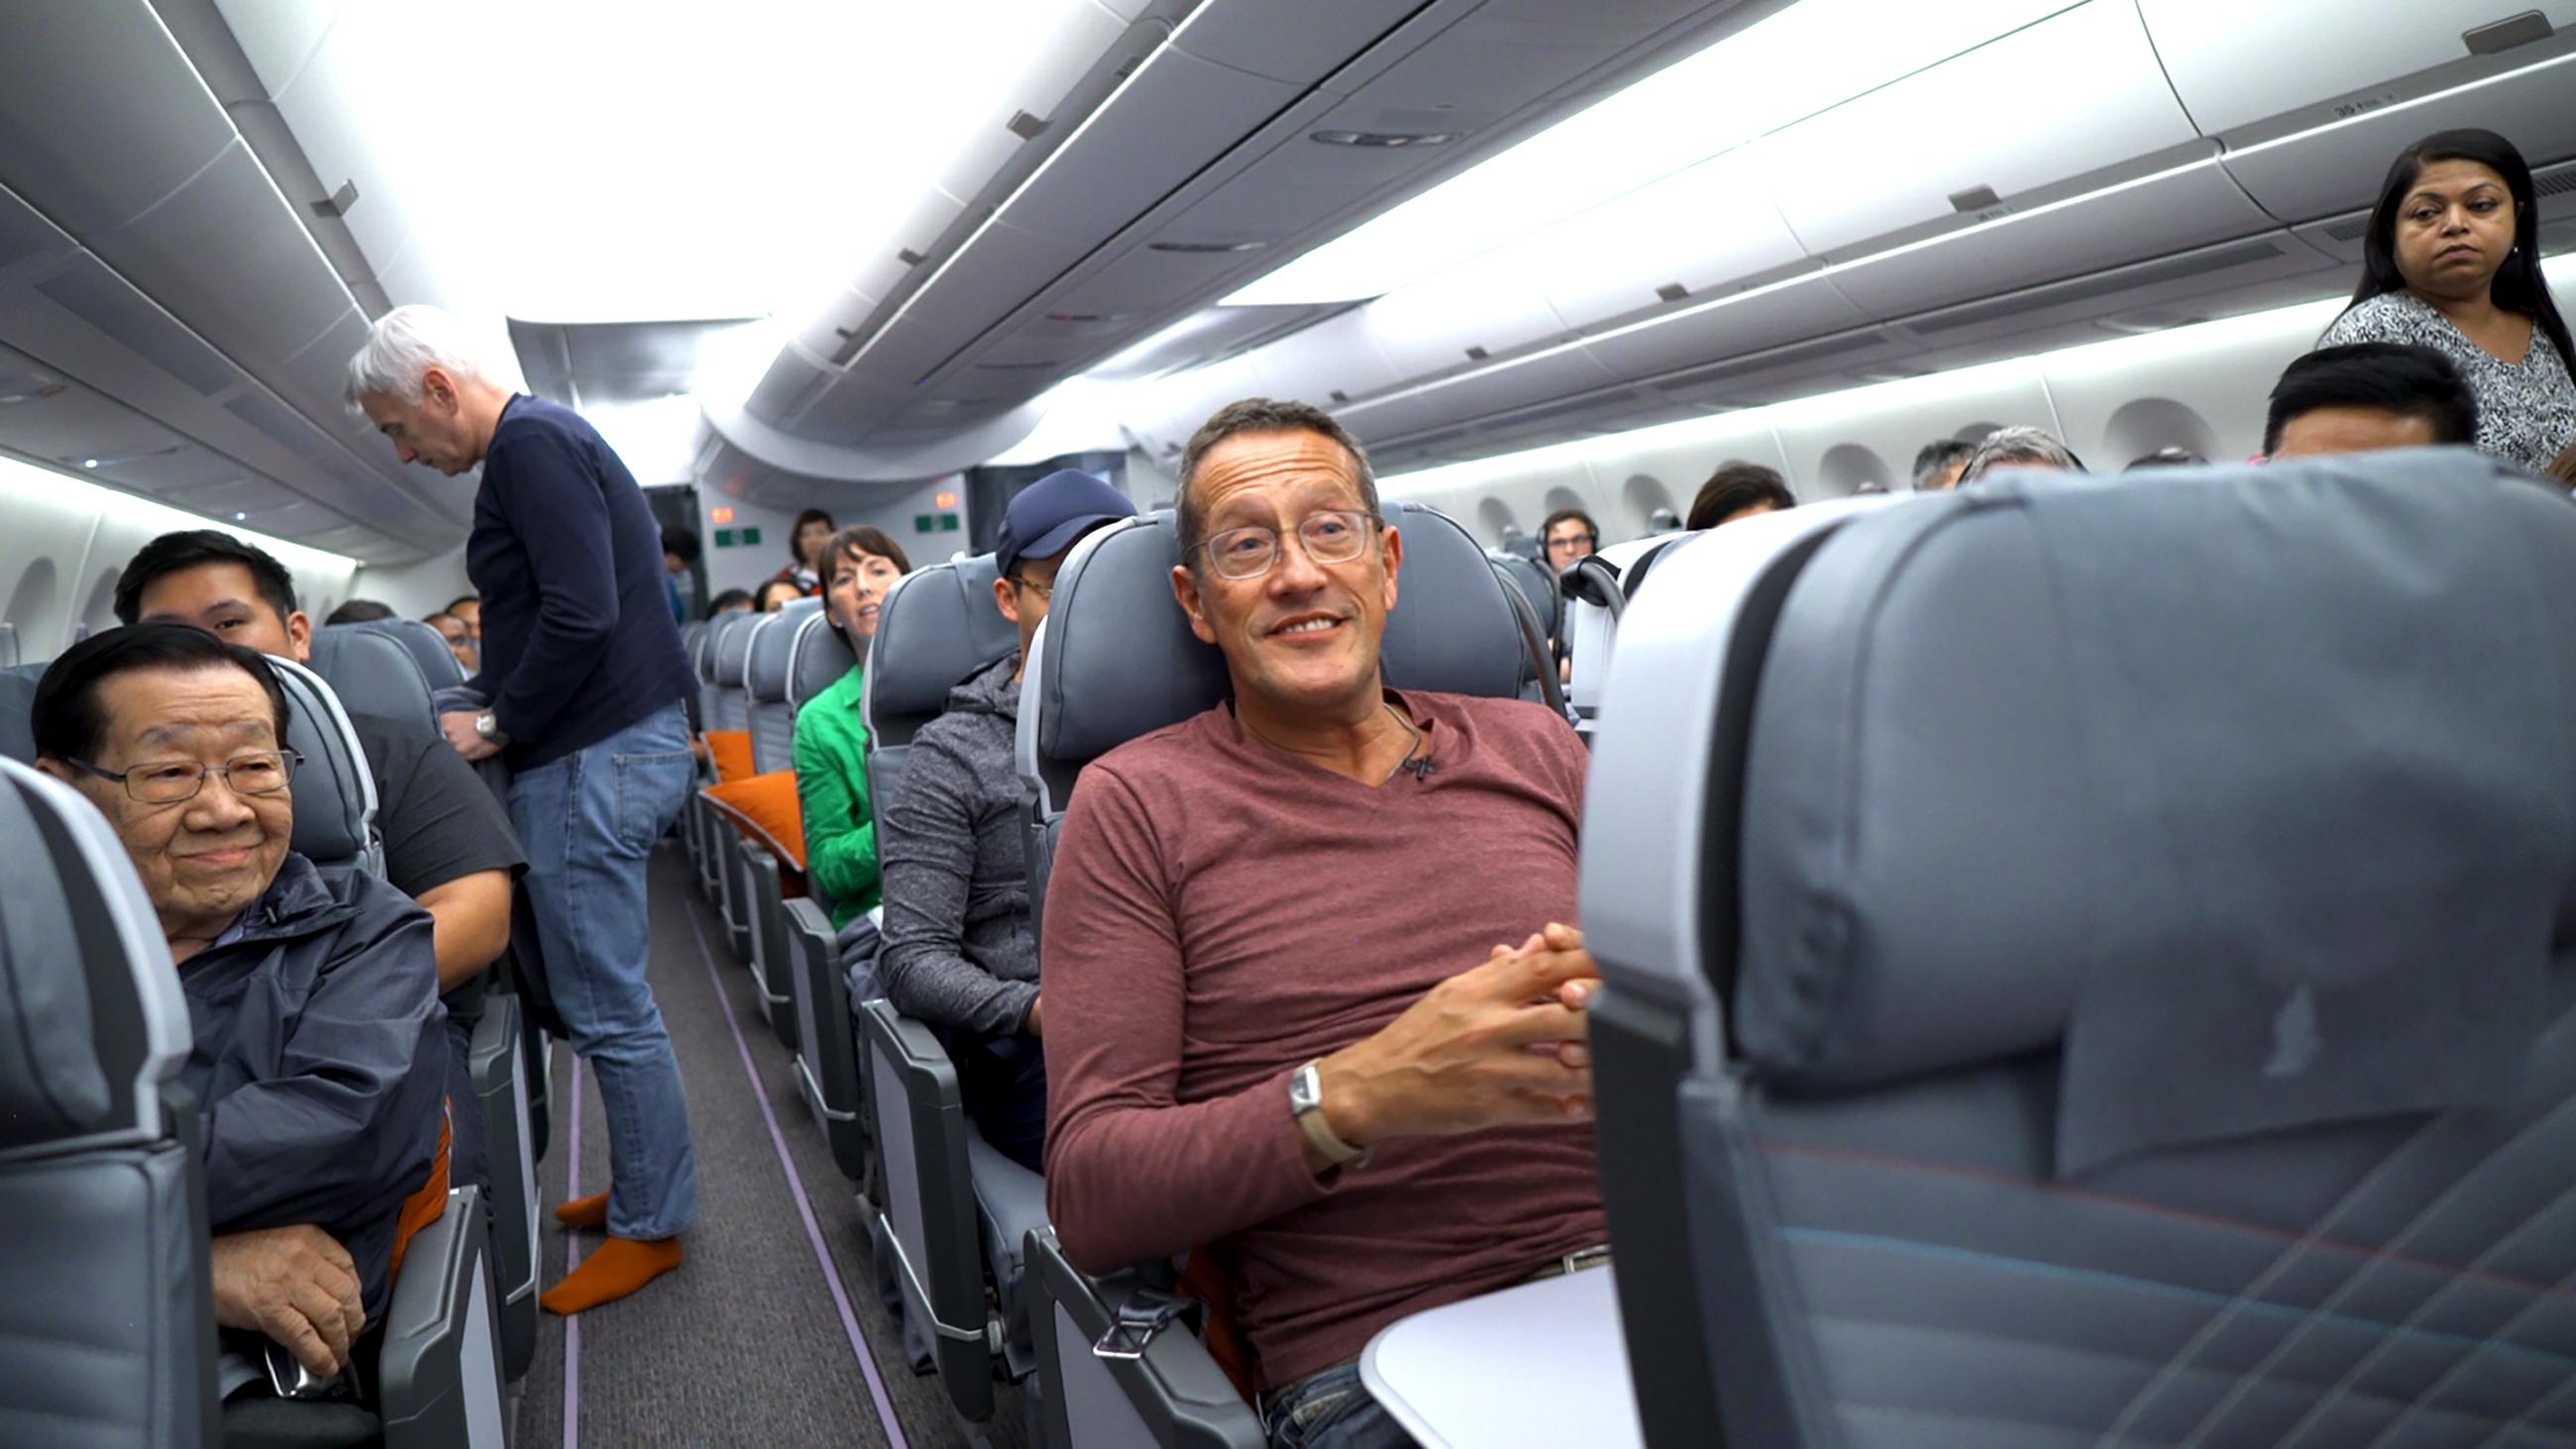 """Résultat de recherche d'images pour """"passenger running on plane track"""""""